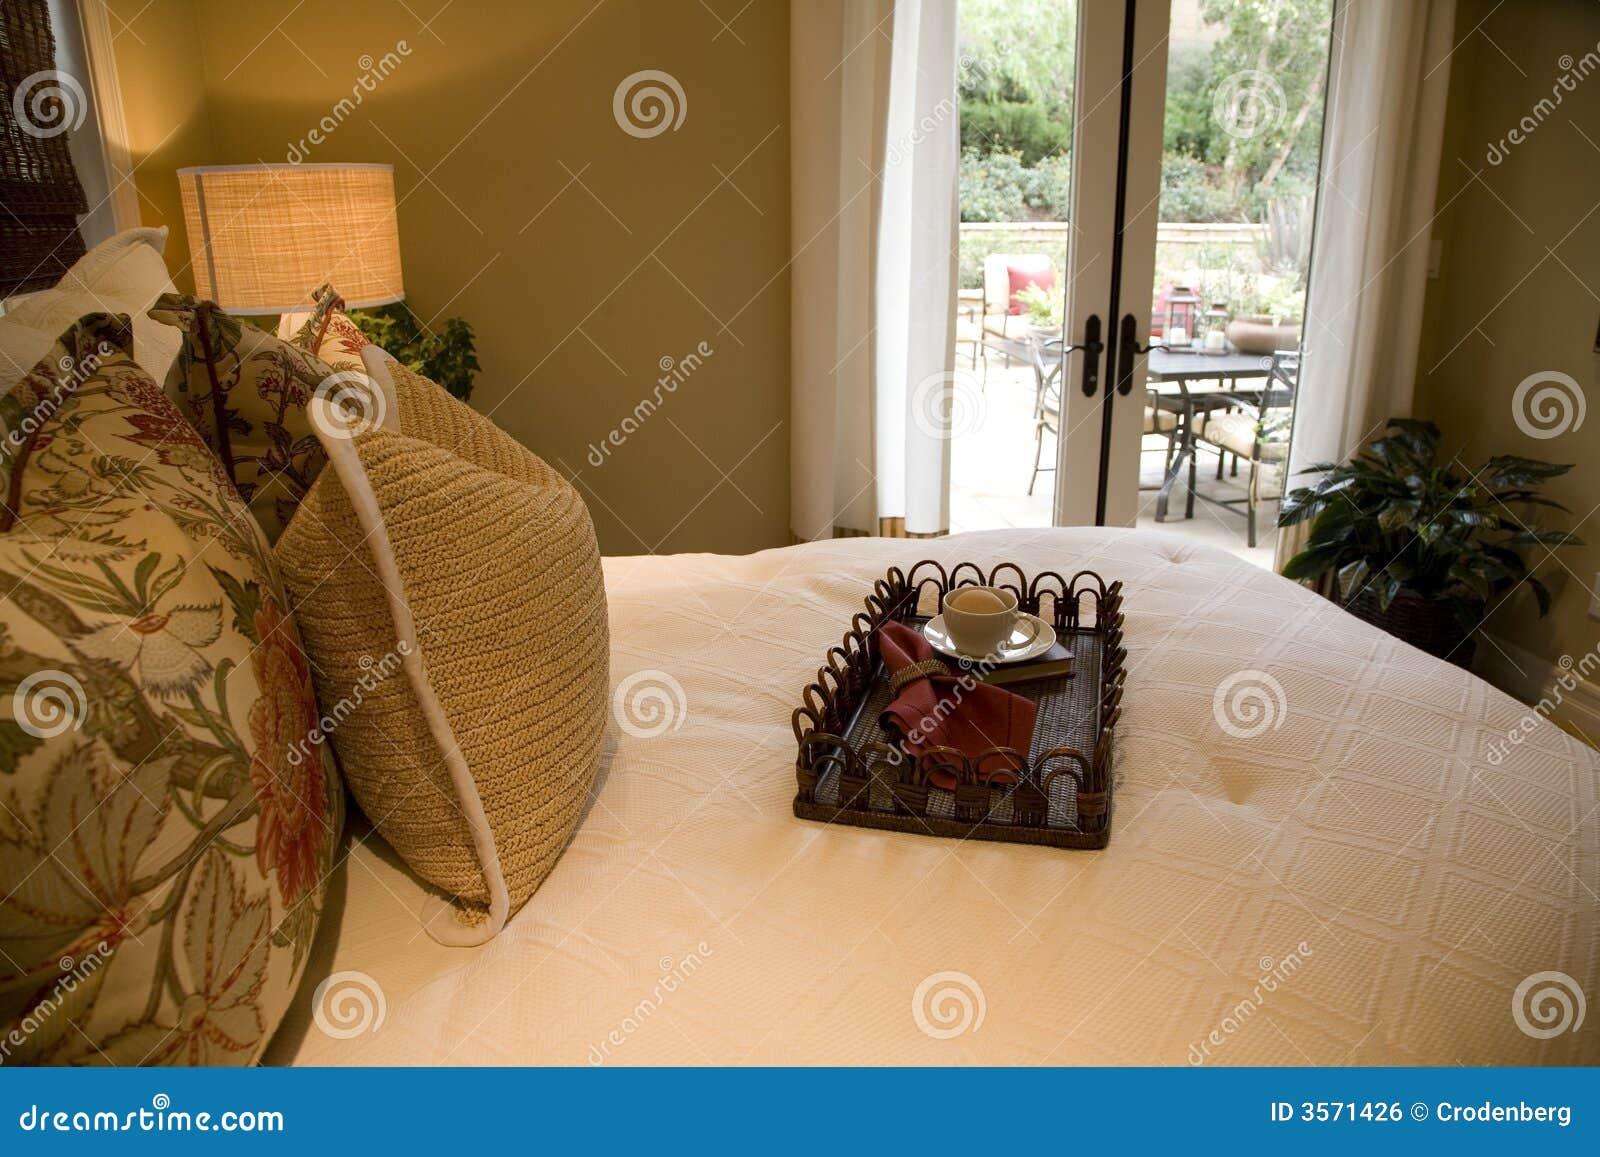 Camera da letto di lusso moderna.